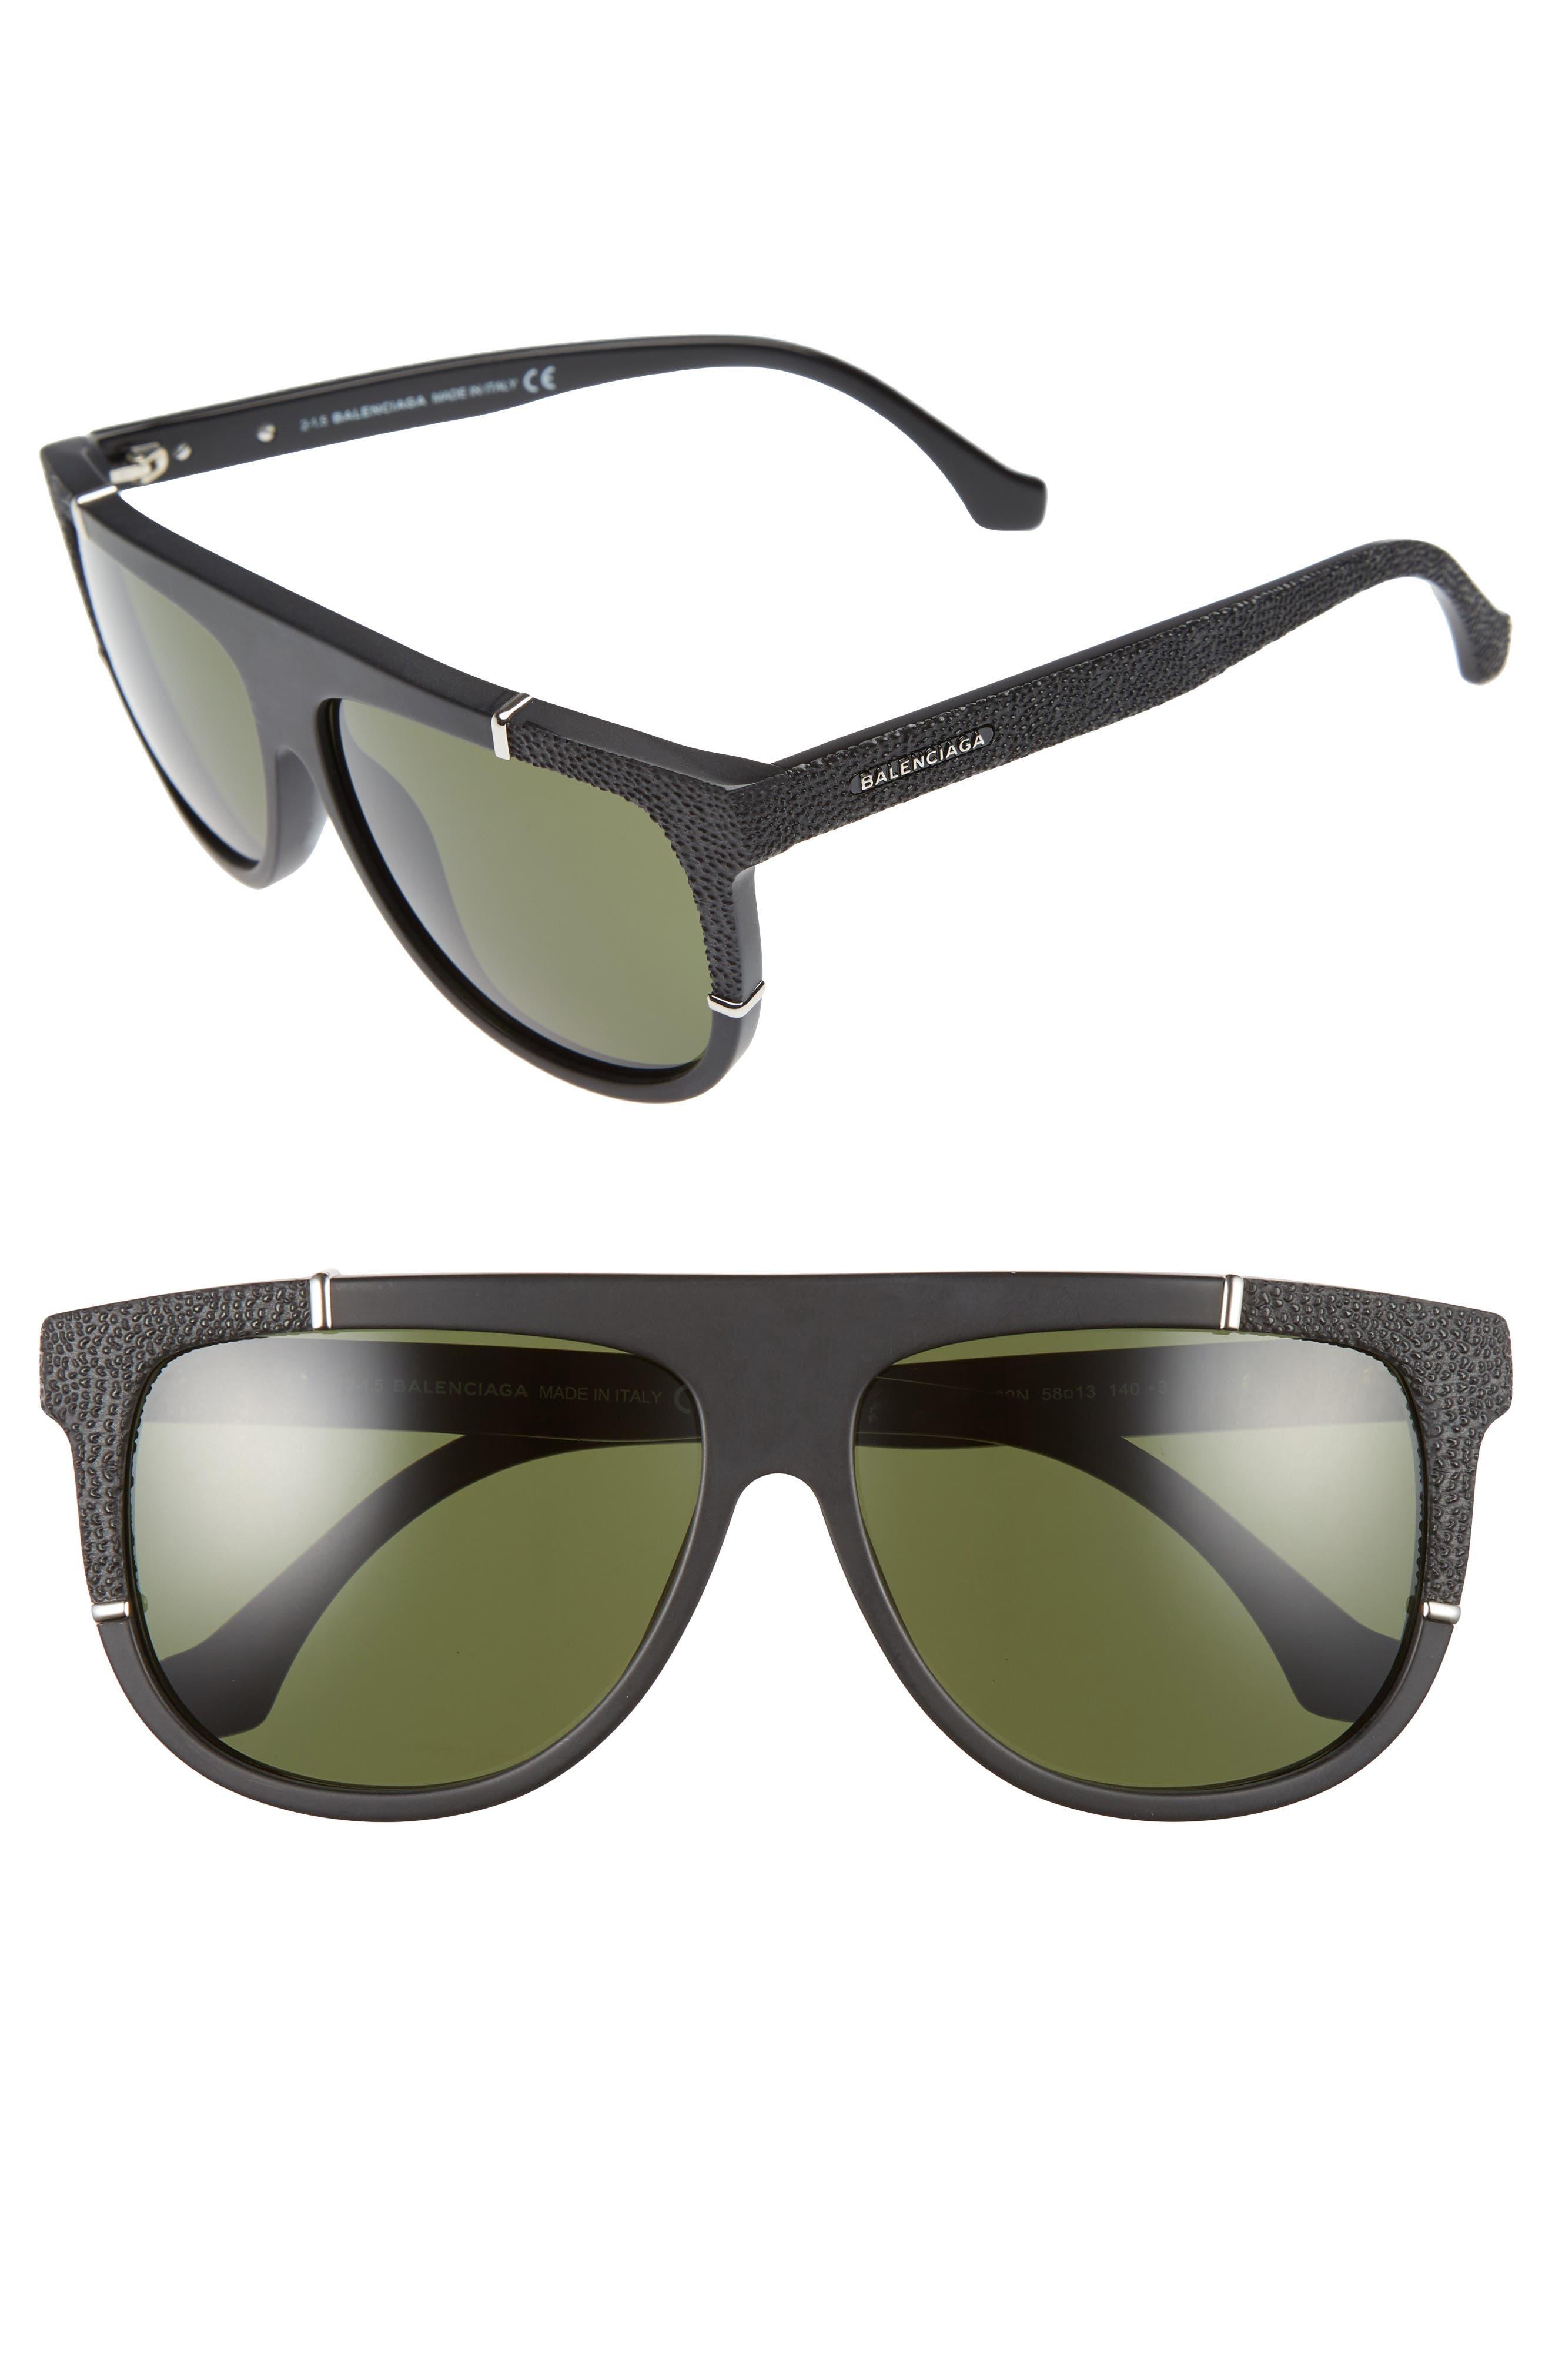 Balenciaga Paris 58mm Flat Top Sunglasses